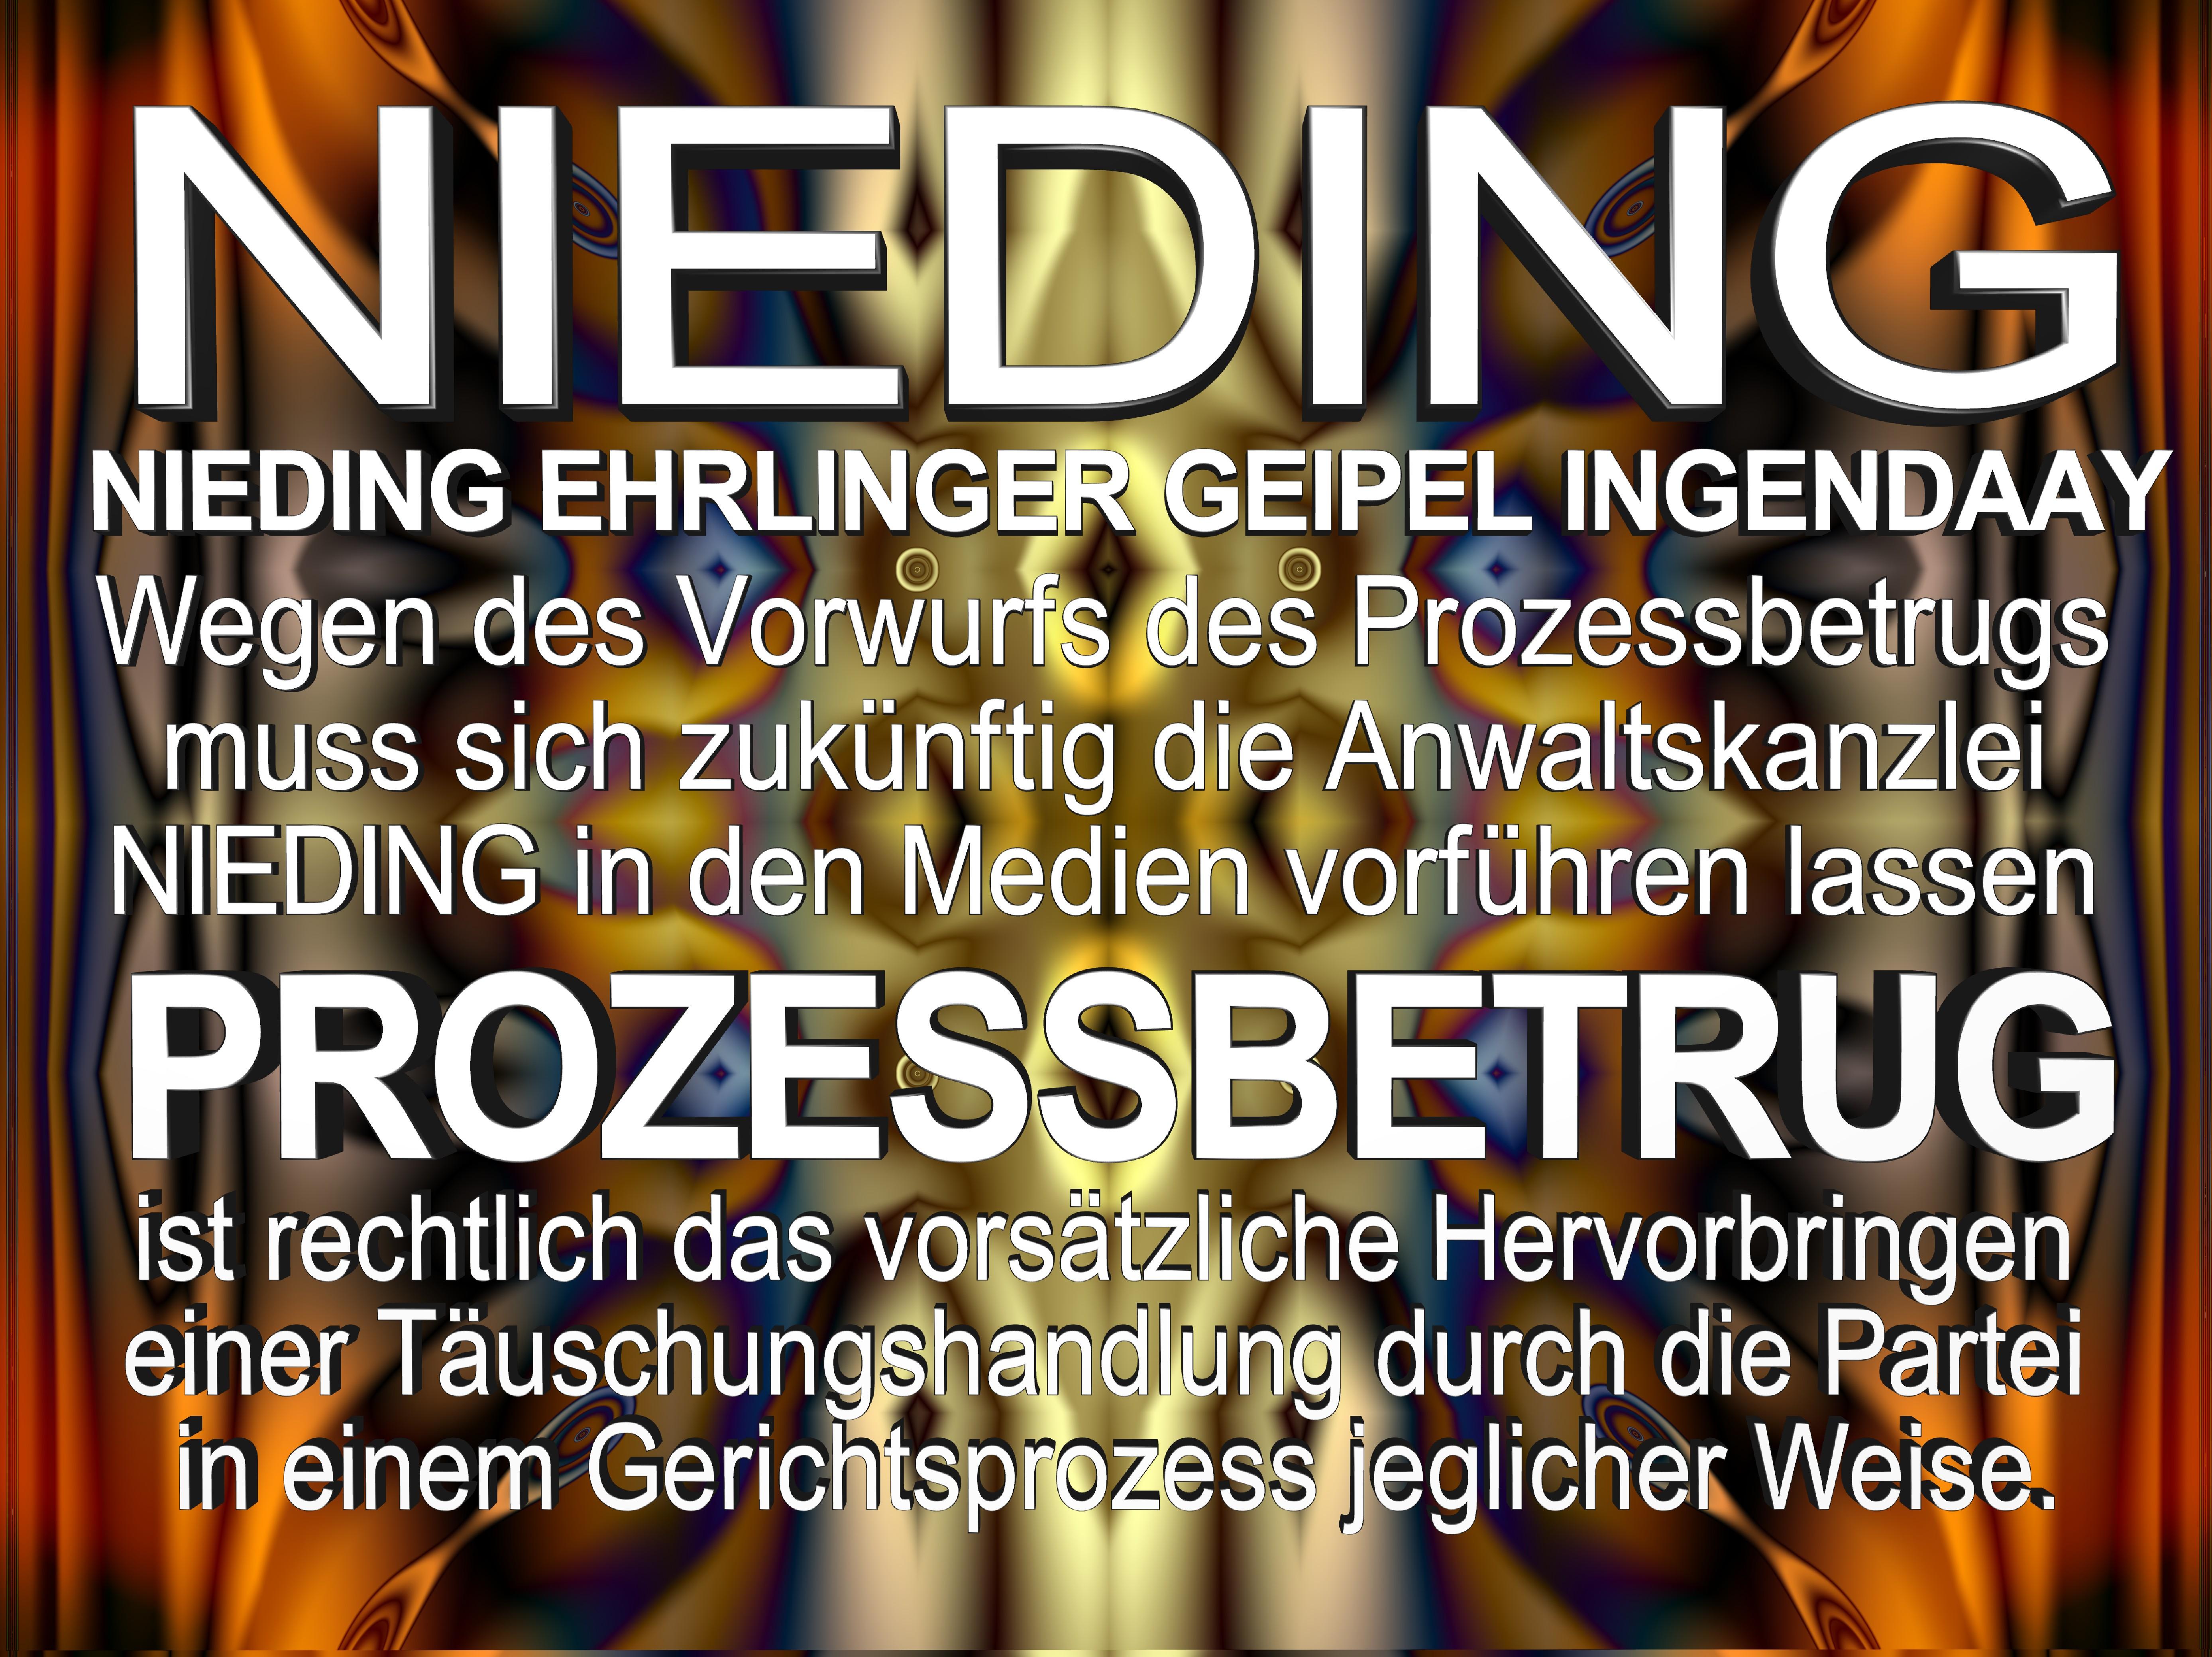 NIEDING EHRLINGER GEIPEL INGENDAAY LELKE Kurfürstendamm 66 Berlin (27)